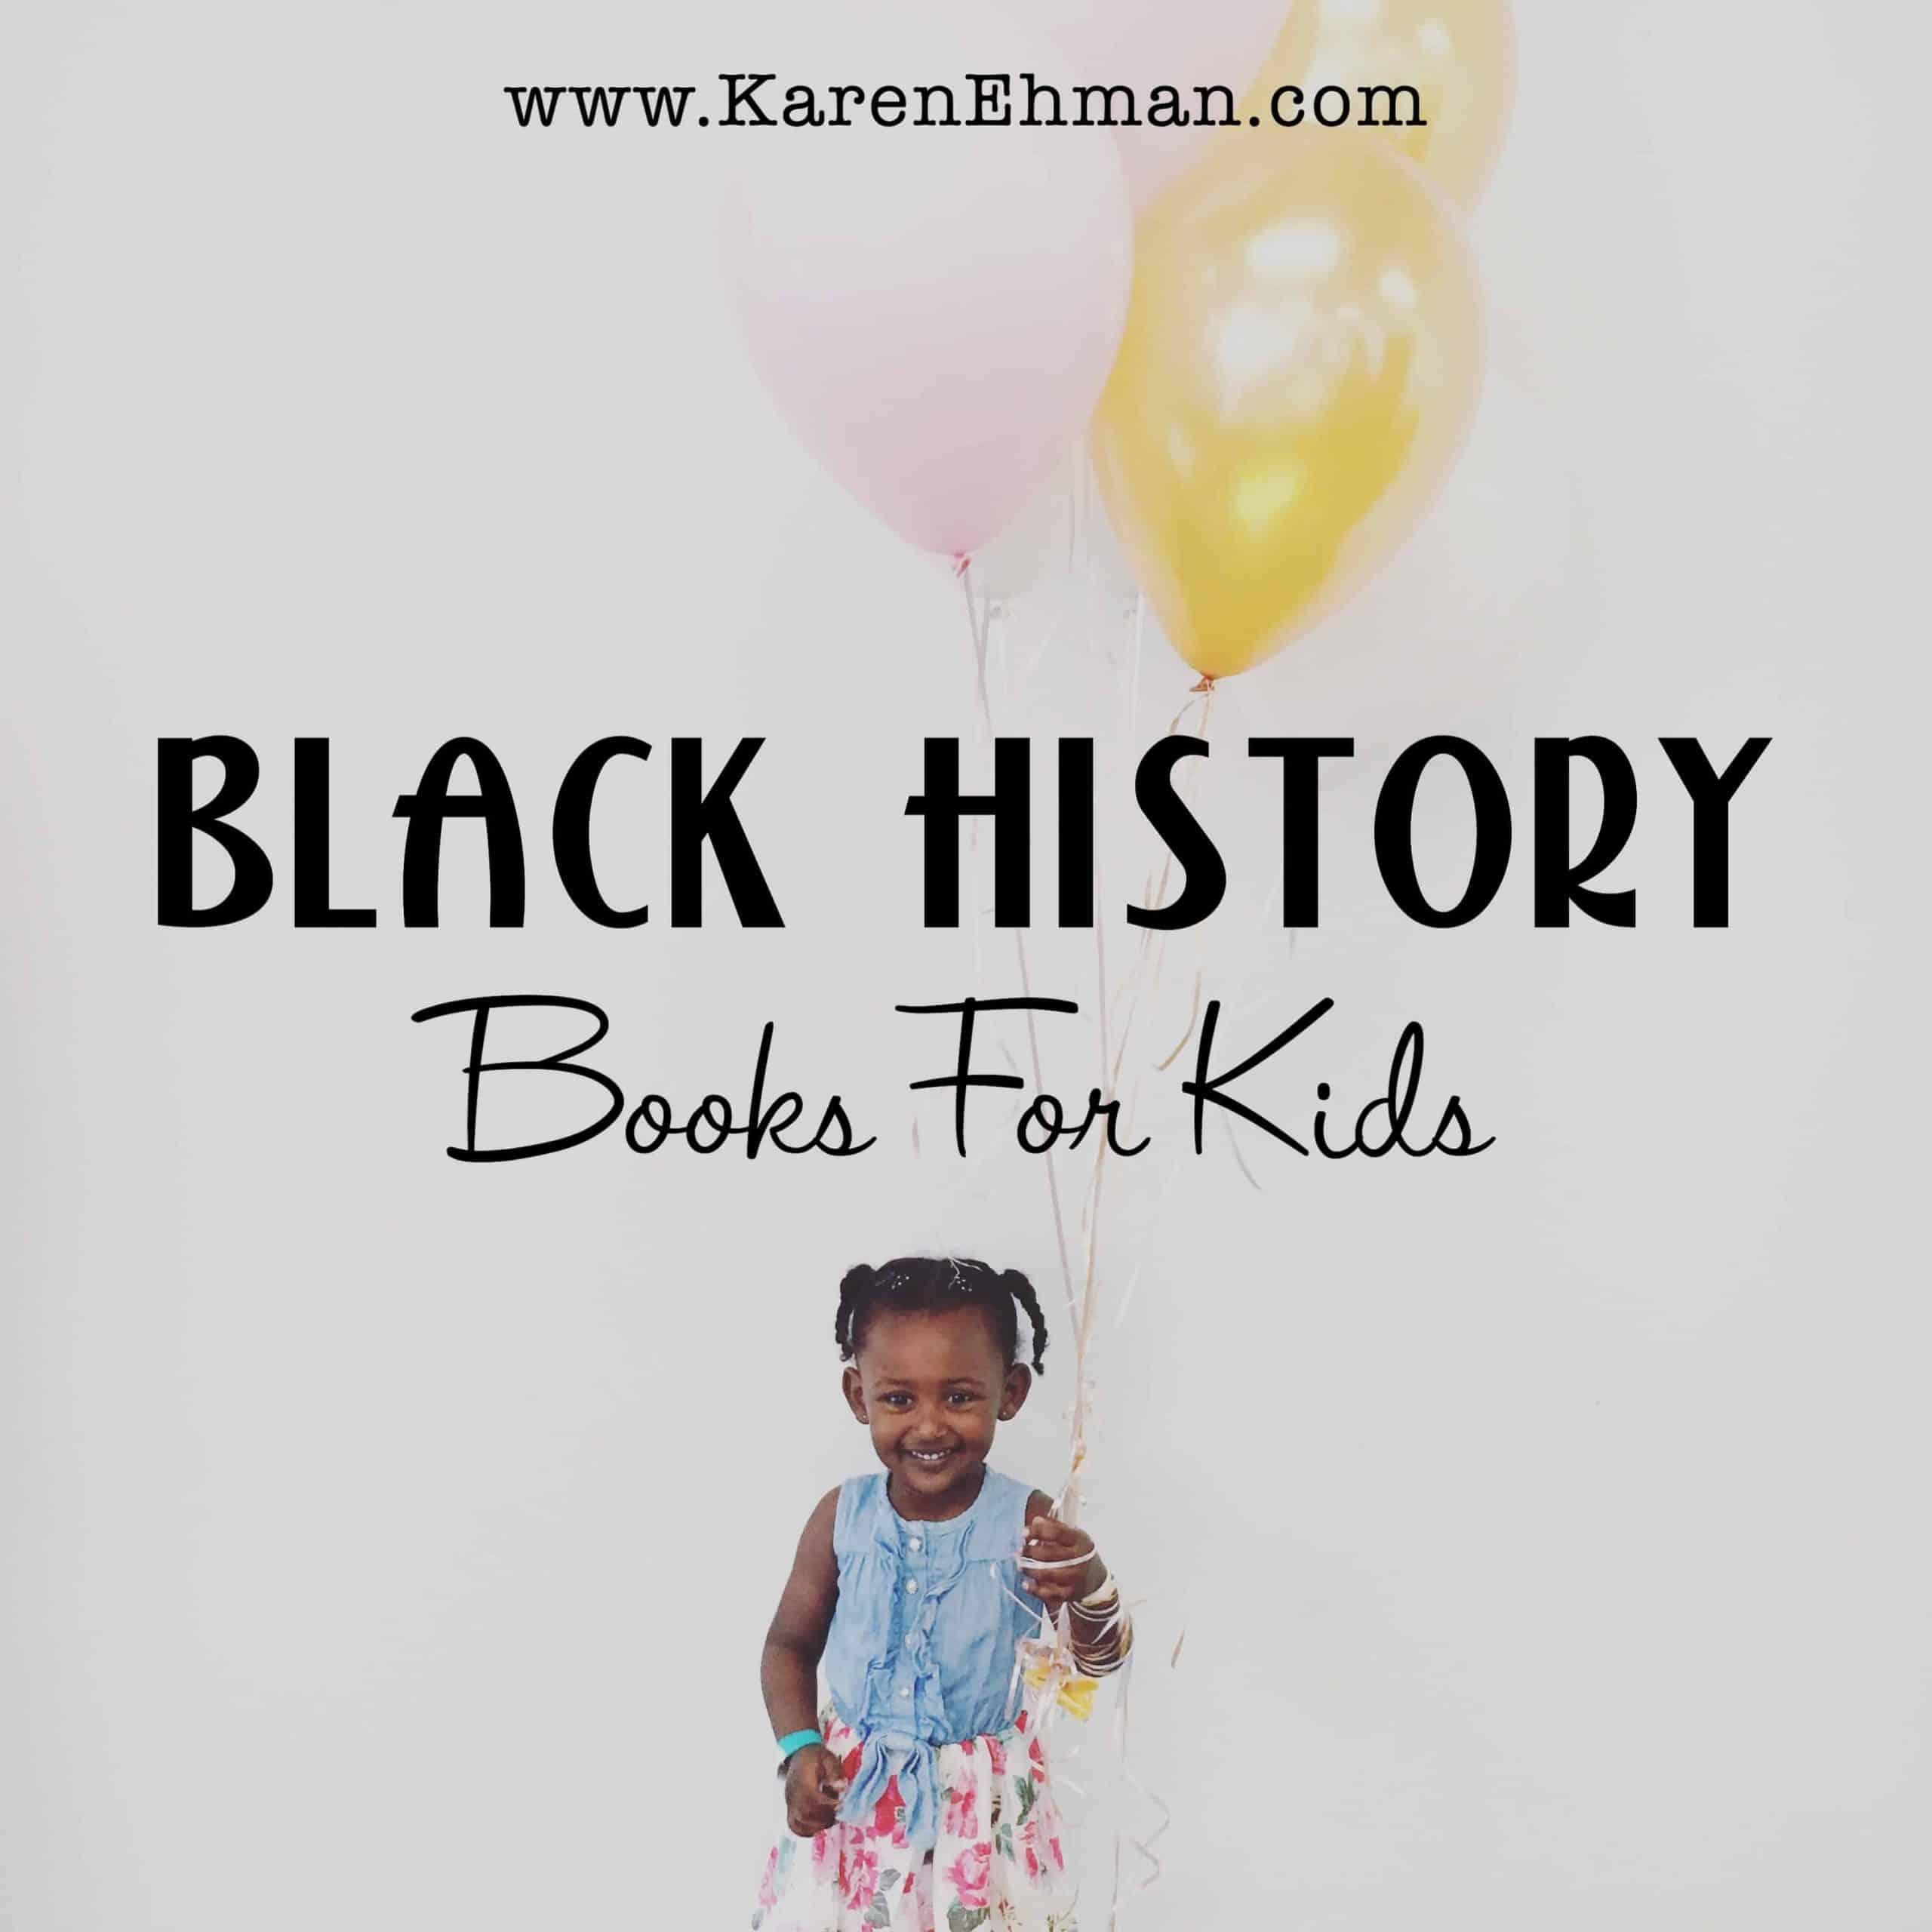 Black History Books for Kids